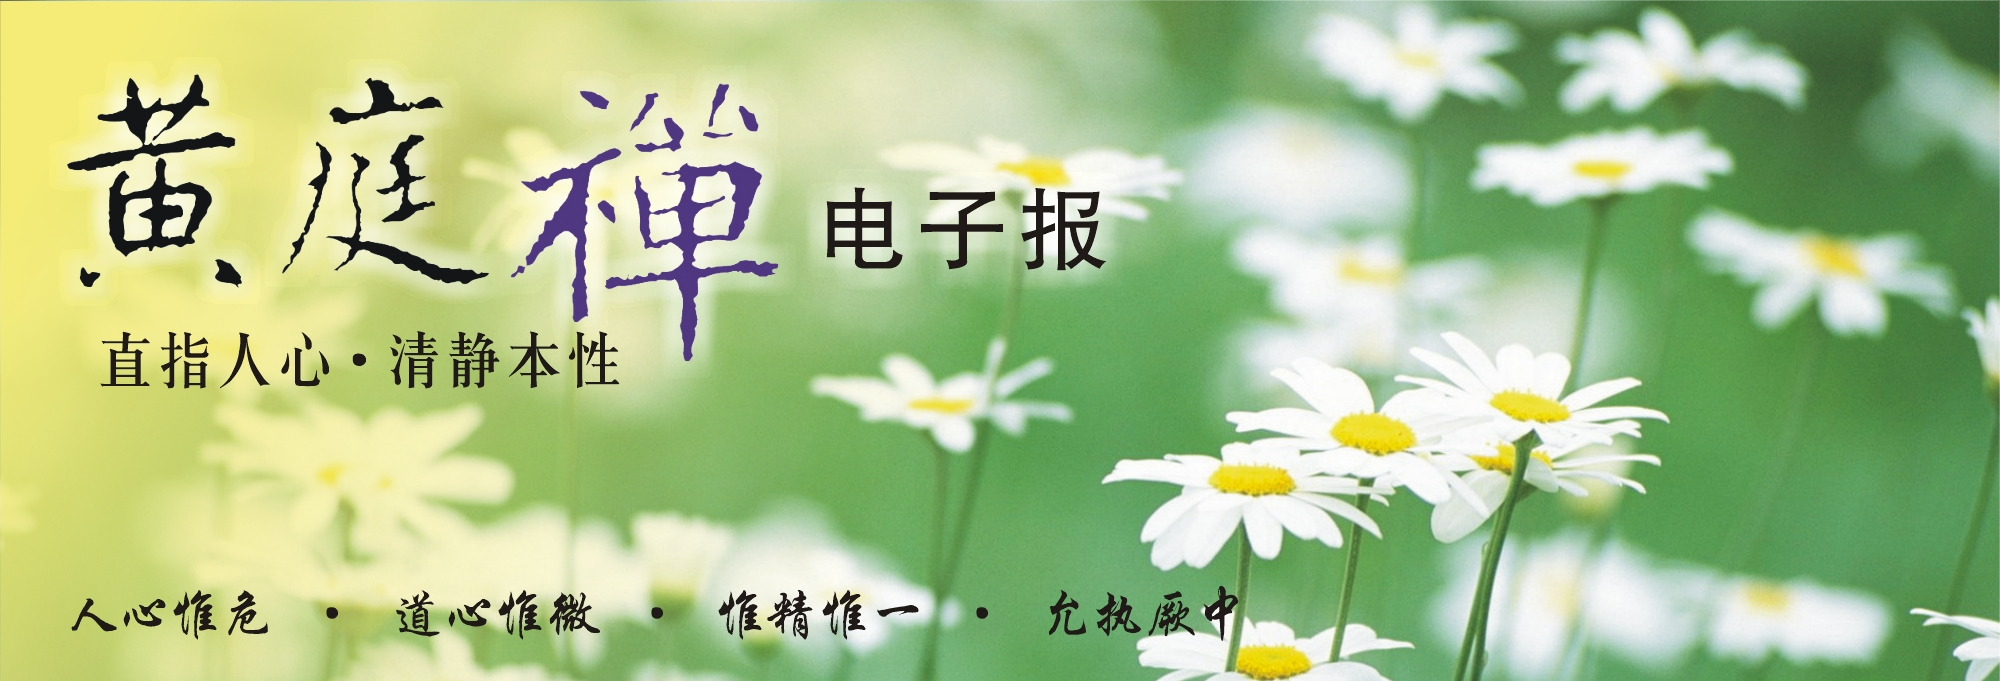 中华黄庭禅学会2014.06.01电子报